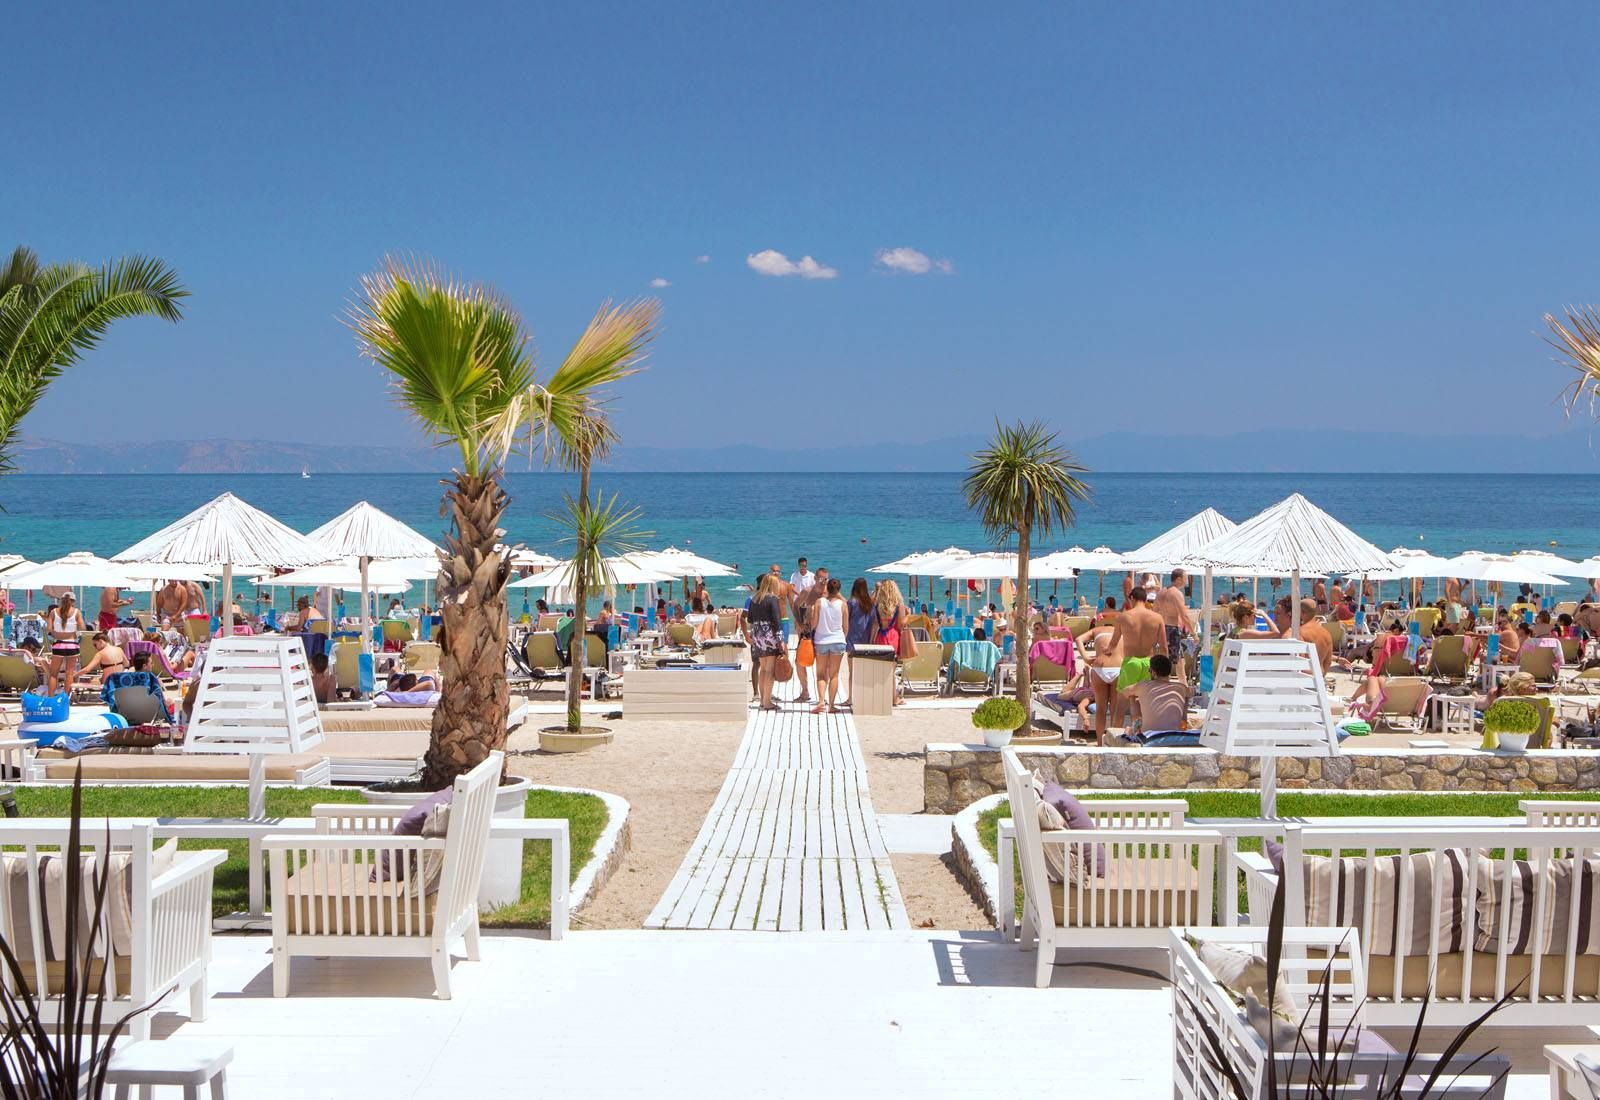 Beach Bar Manassu in Sithonia - Halkidiki - Greece